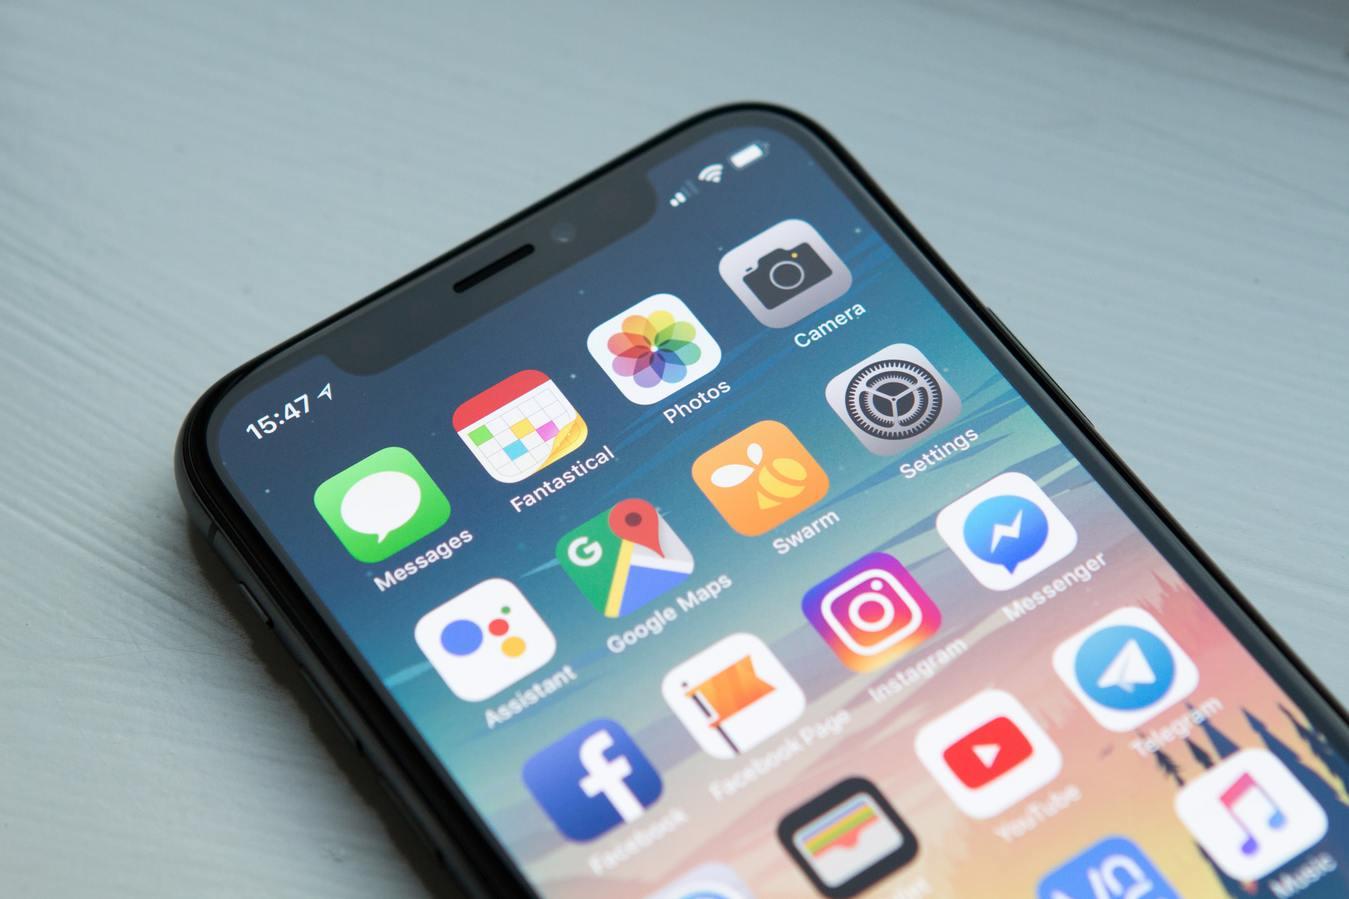 Ecrã do iPhone mostrando aplicações